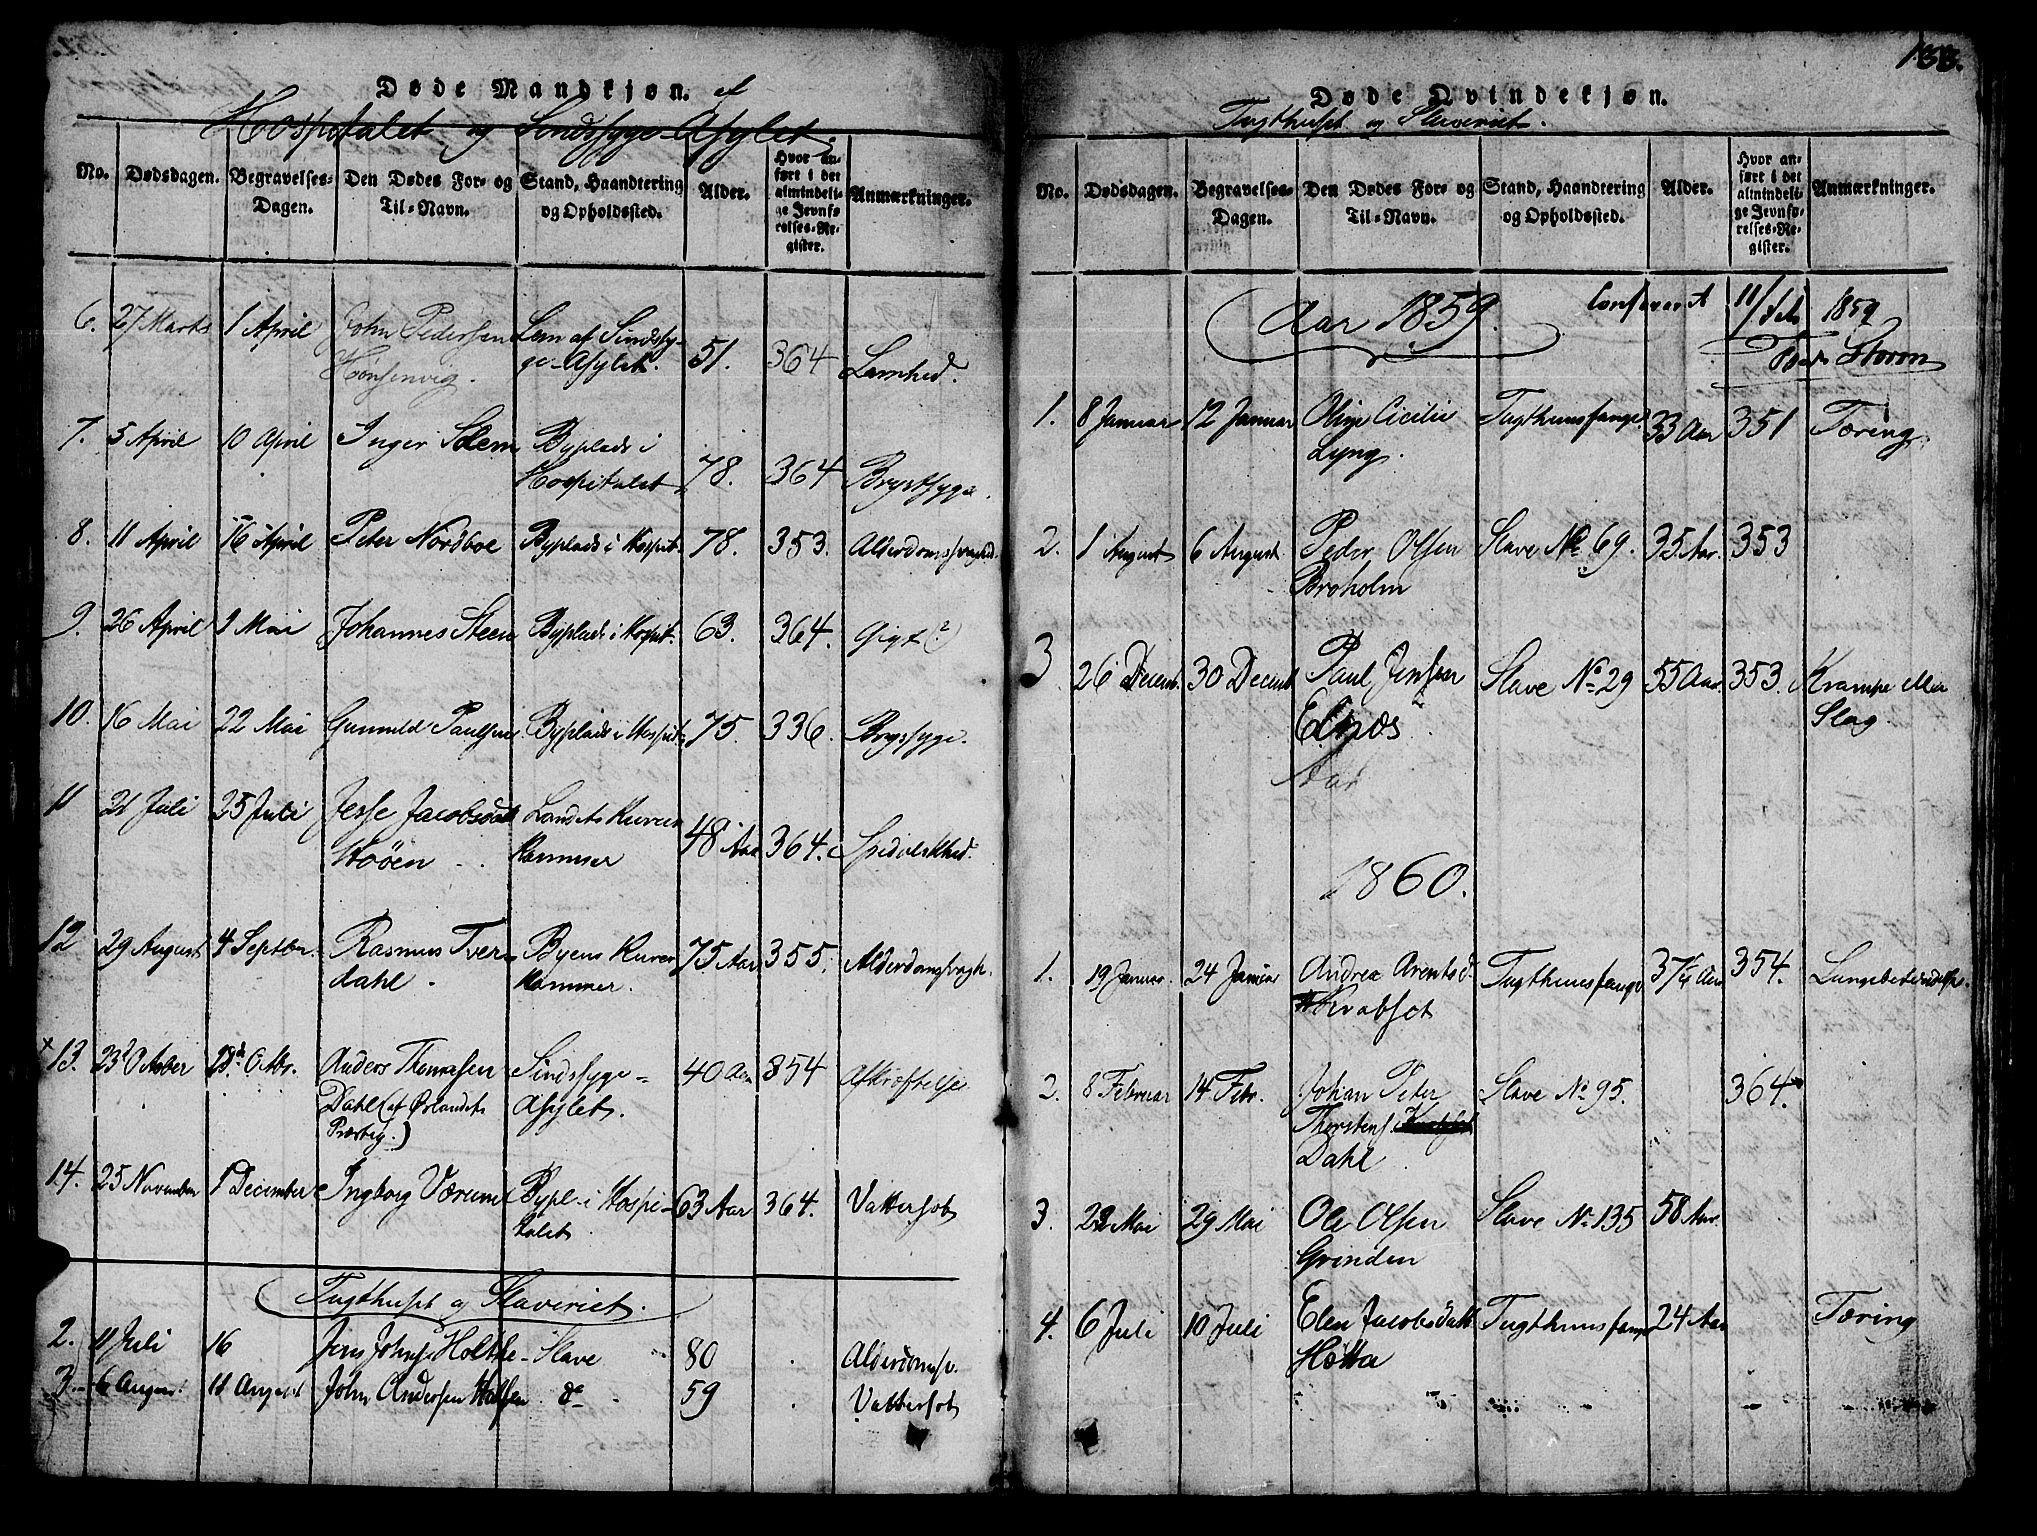 SAT, Ministerialprotokoller, klokkerbøker og fødselsregistre - Sør-Trøndelag, 623/L0478: Klokkerbok nr. 623C01, 1815-1873, s. 133